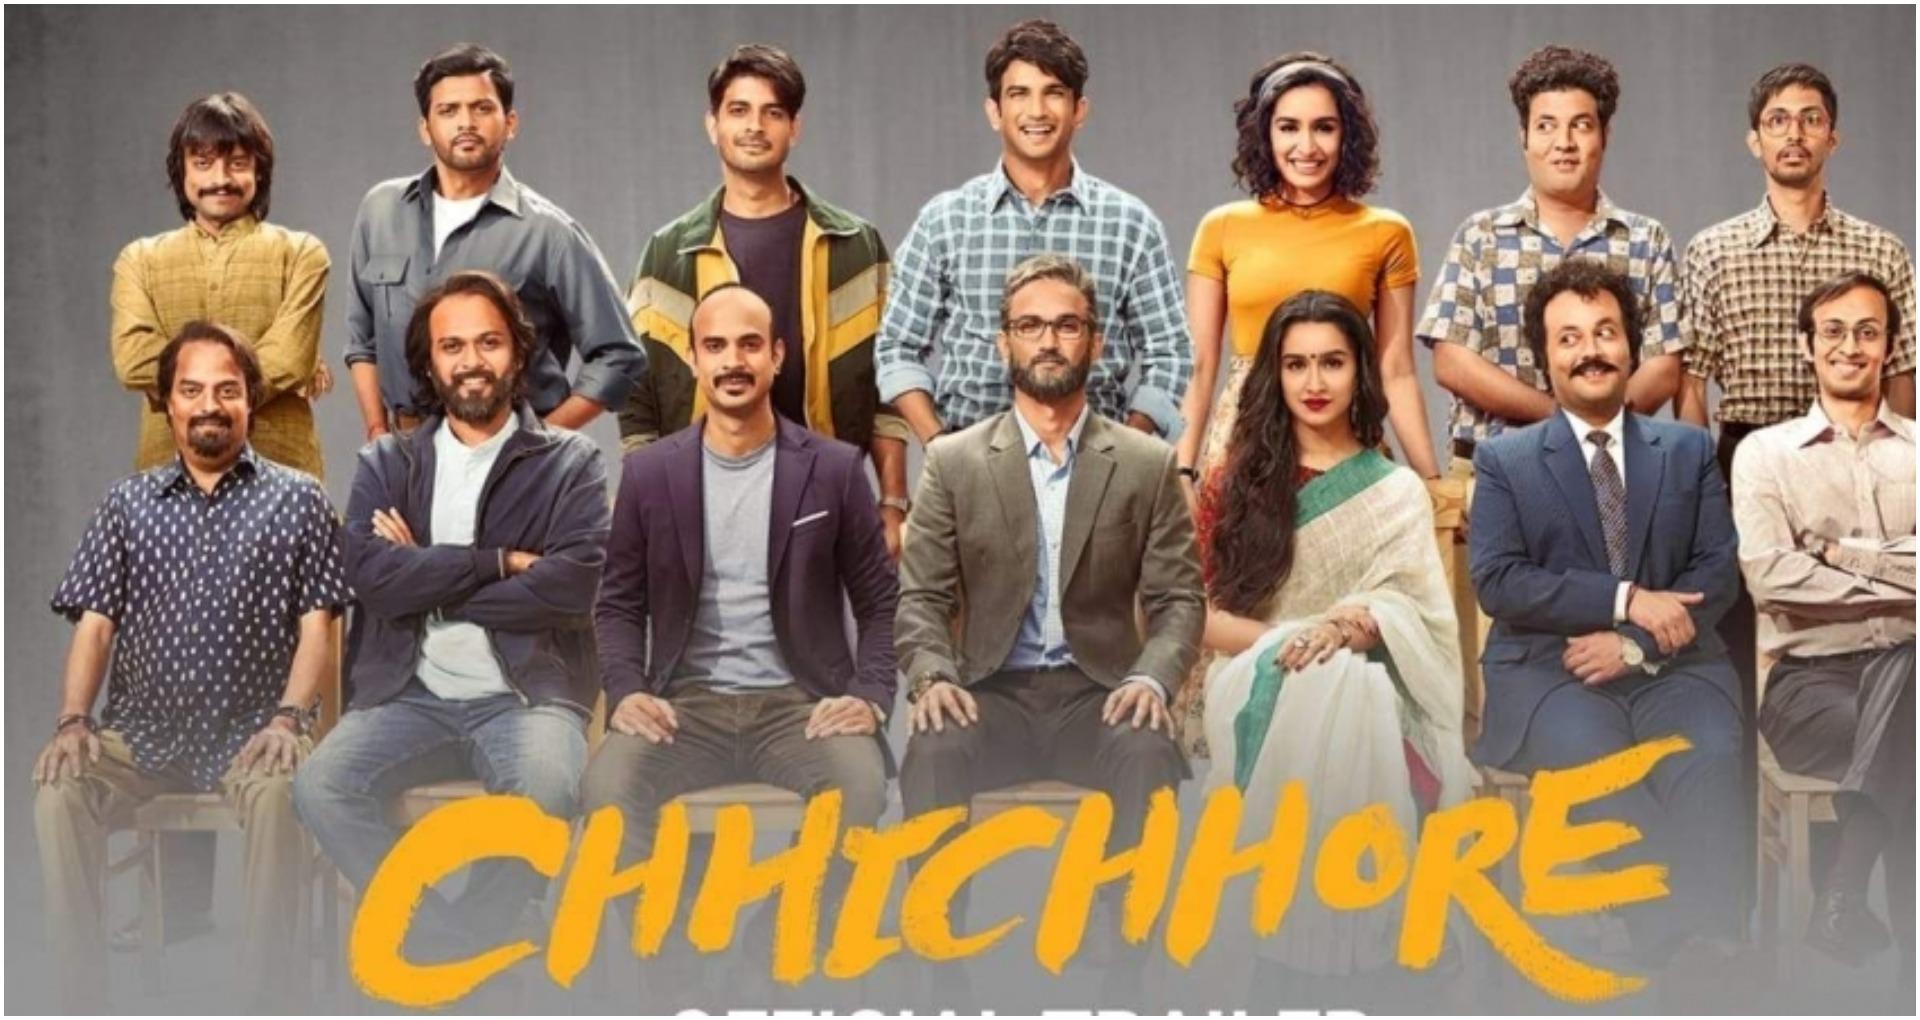 Chhichhore Movie Review: लूजर्स से चैम्पियन बनने की मनोरंजक कहानी है सुशांत सिंह और श्रद्धा कपूर की फिल्म